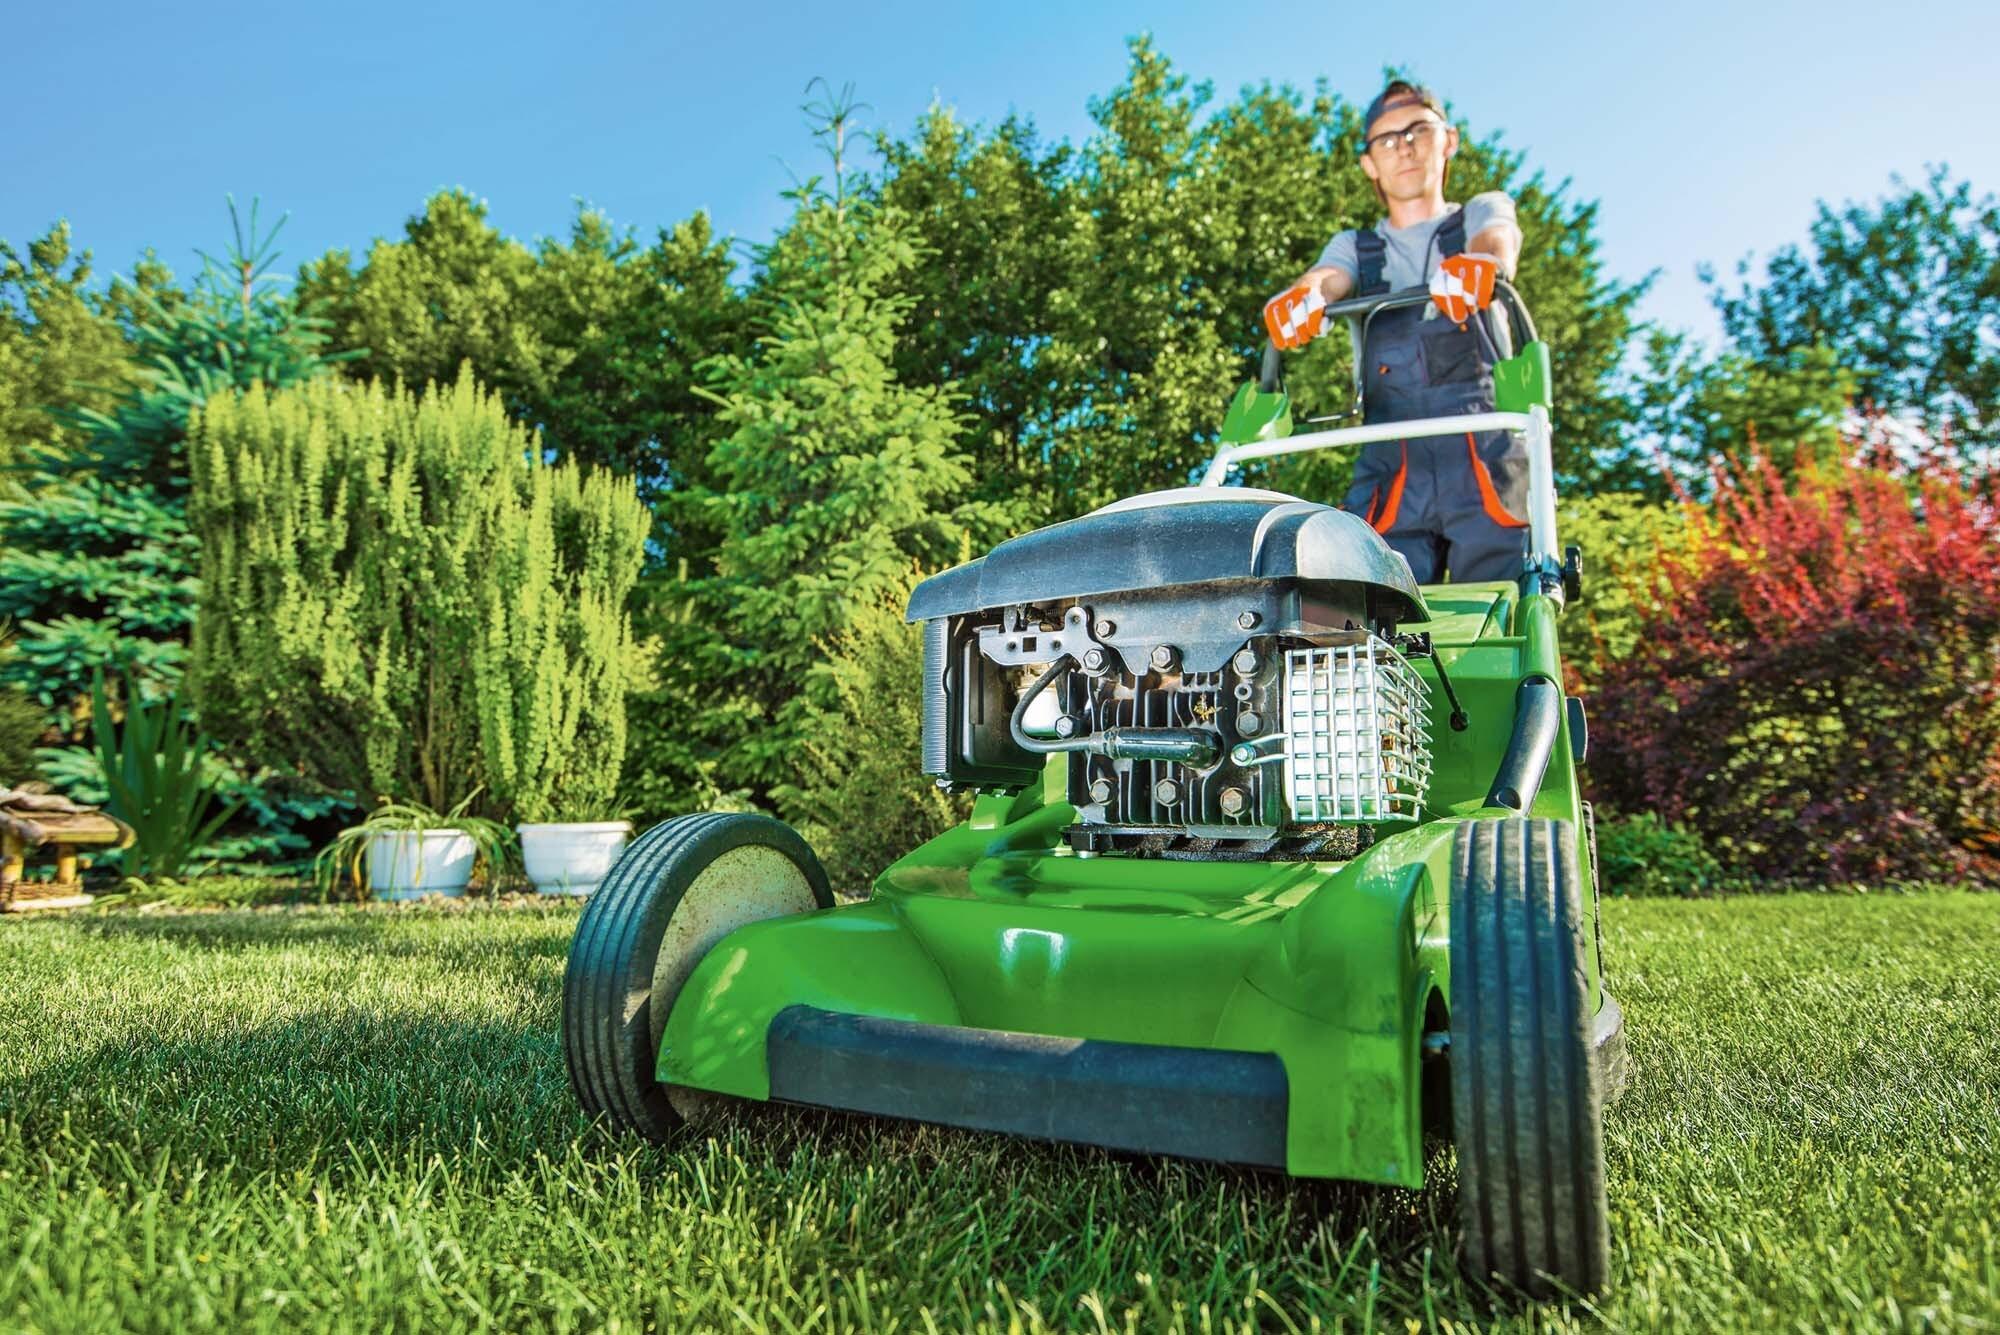 Как выбрать газонокосилку: разбираемся в видах и функциях устройства